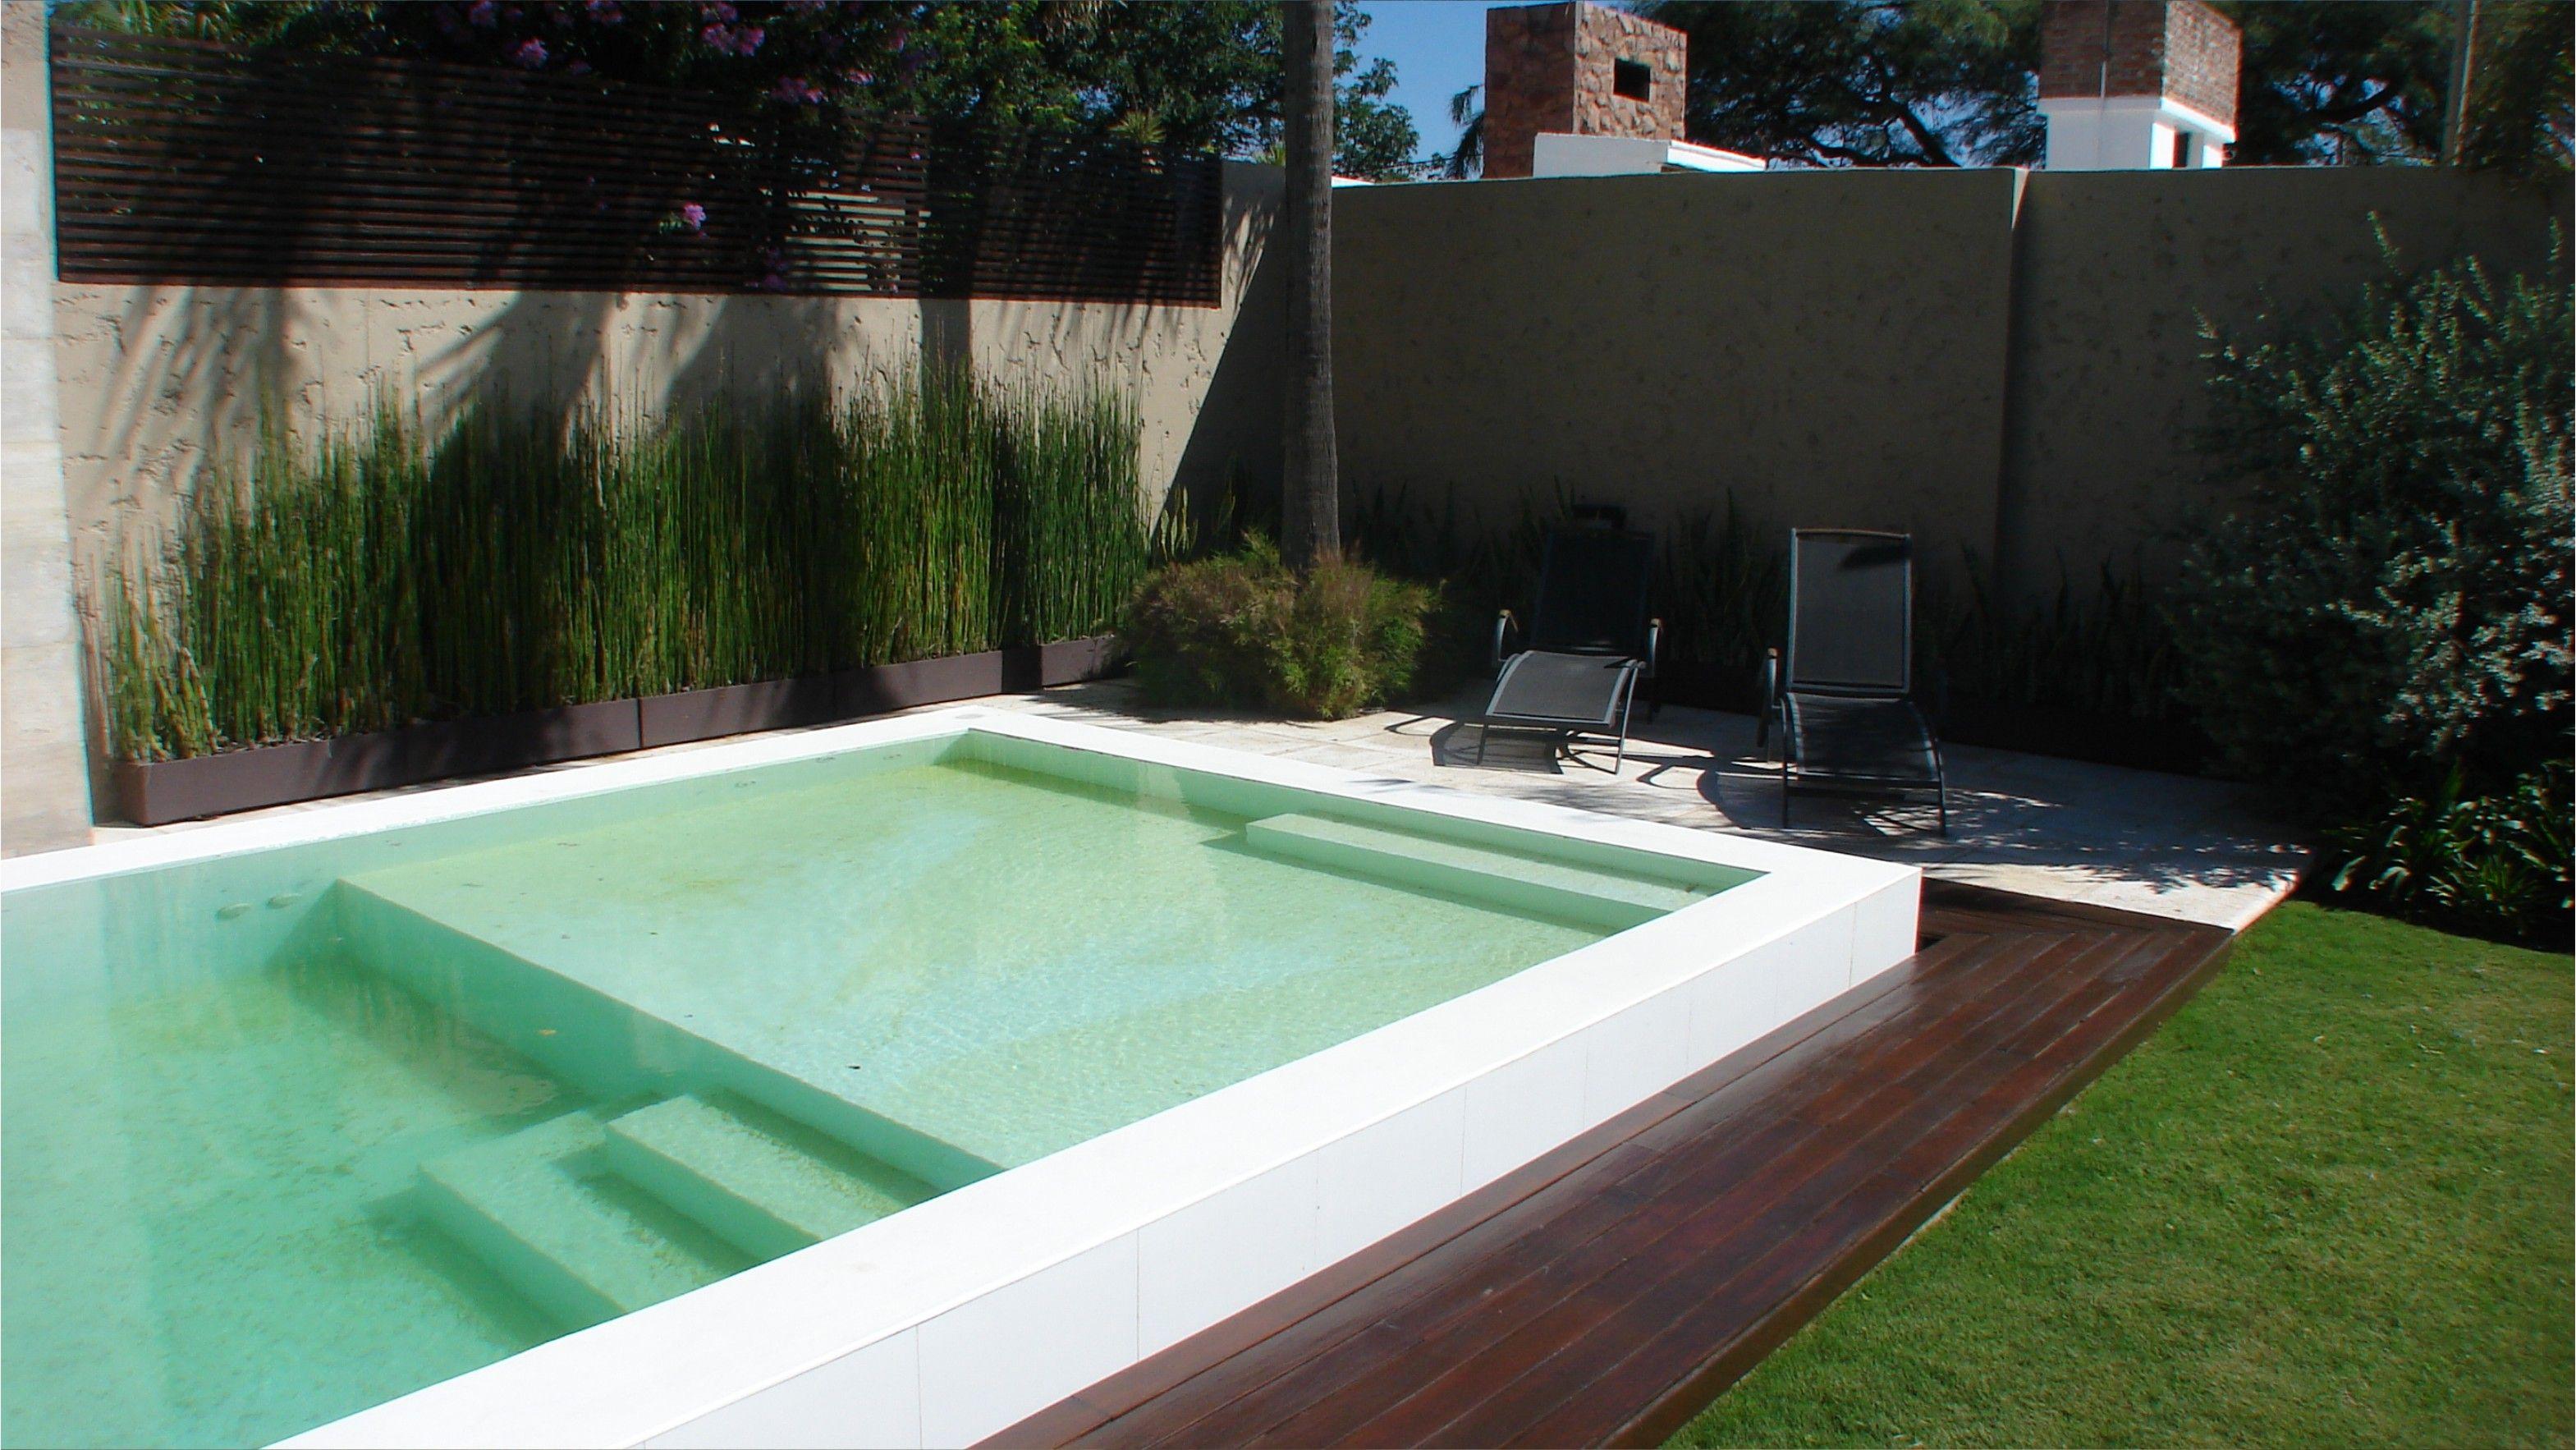 Piscina desborde finlandes deck piscina for Diseno de albercas modernas